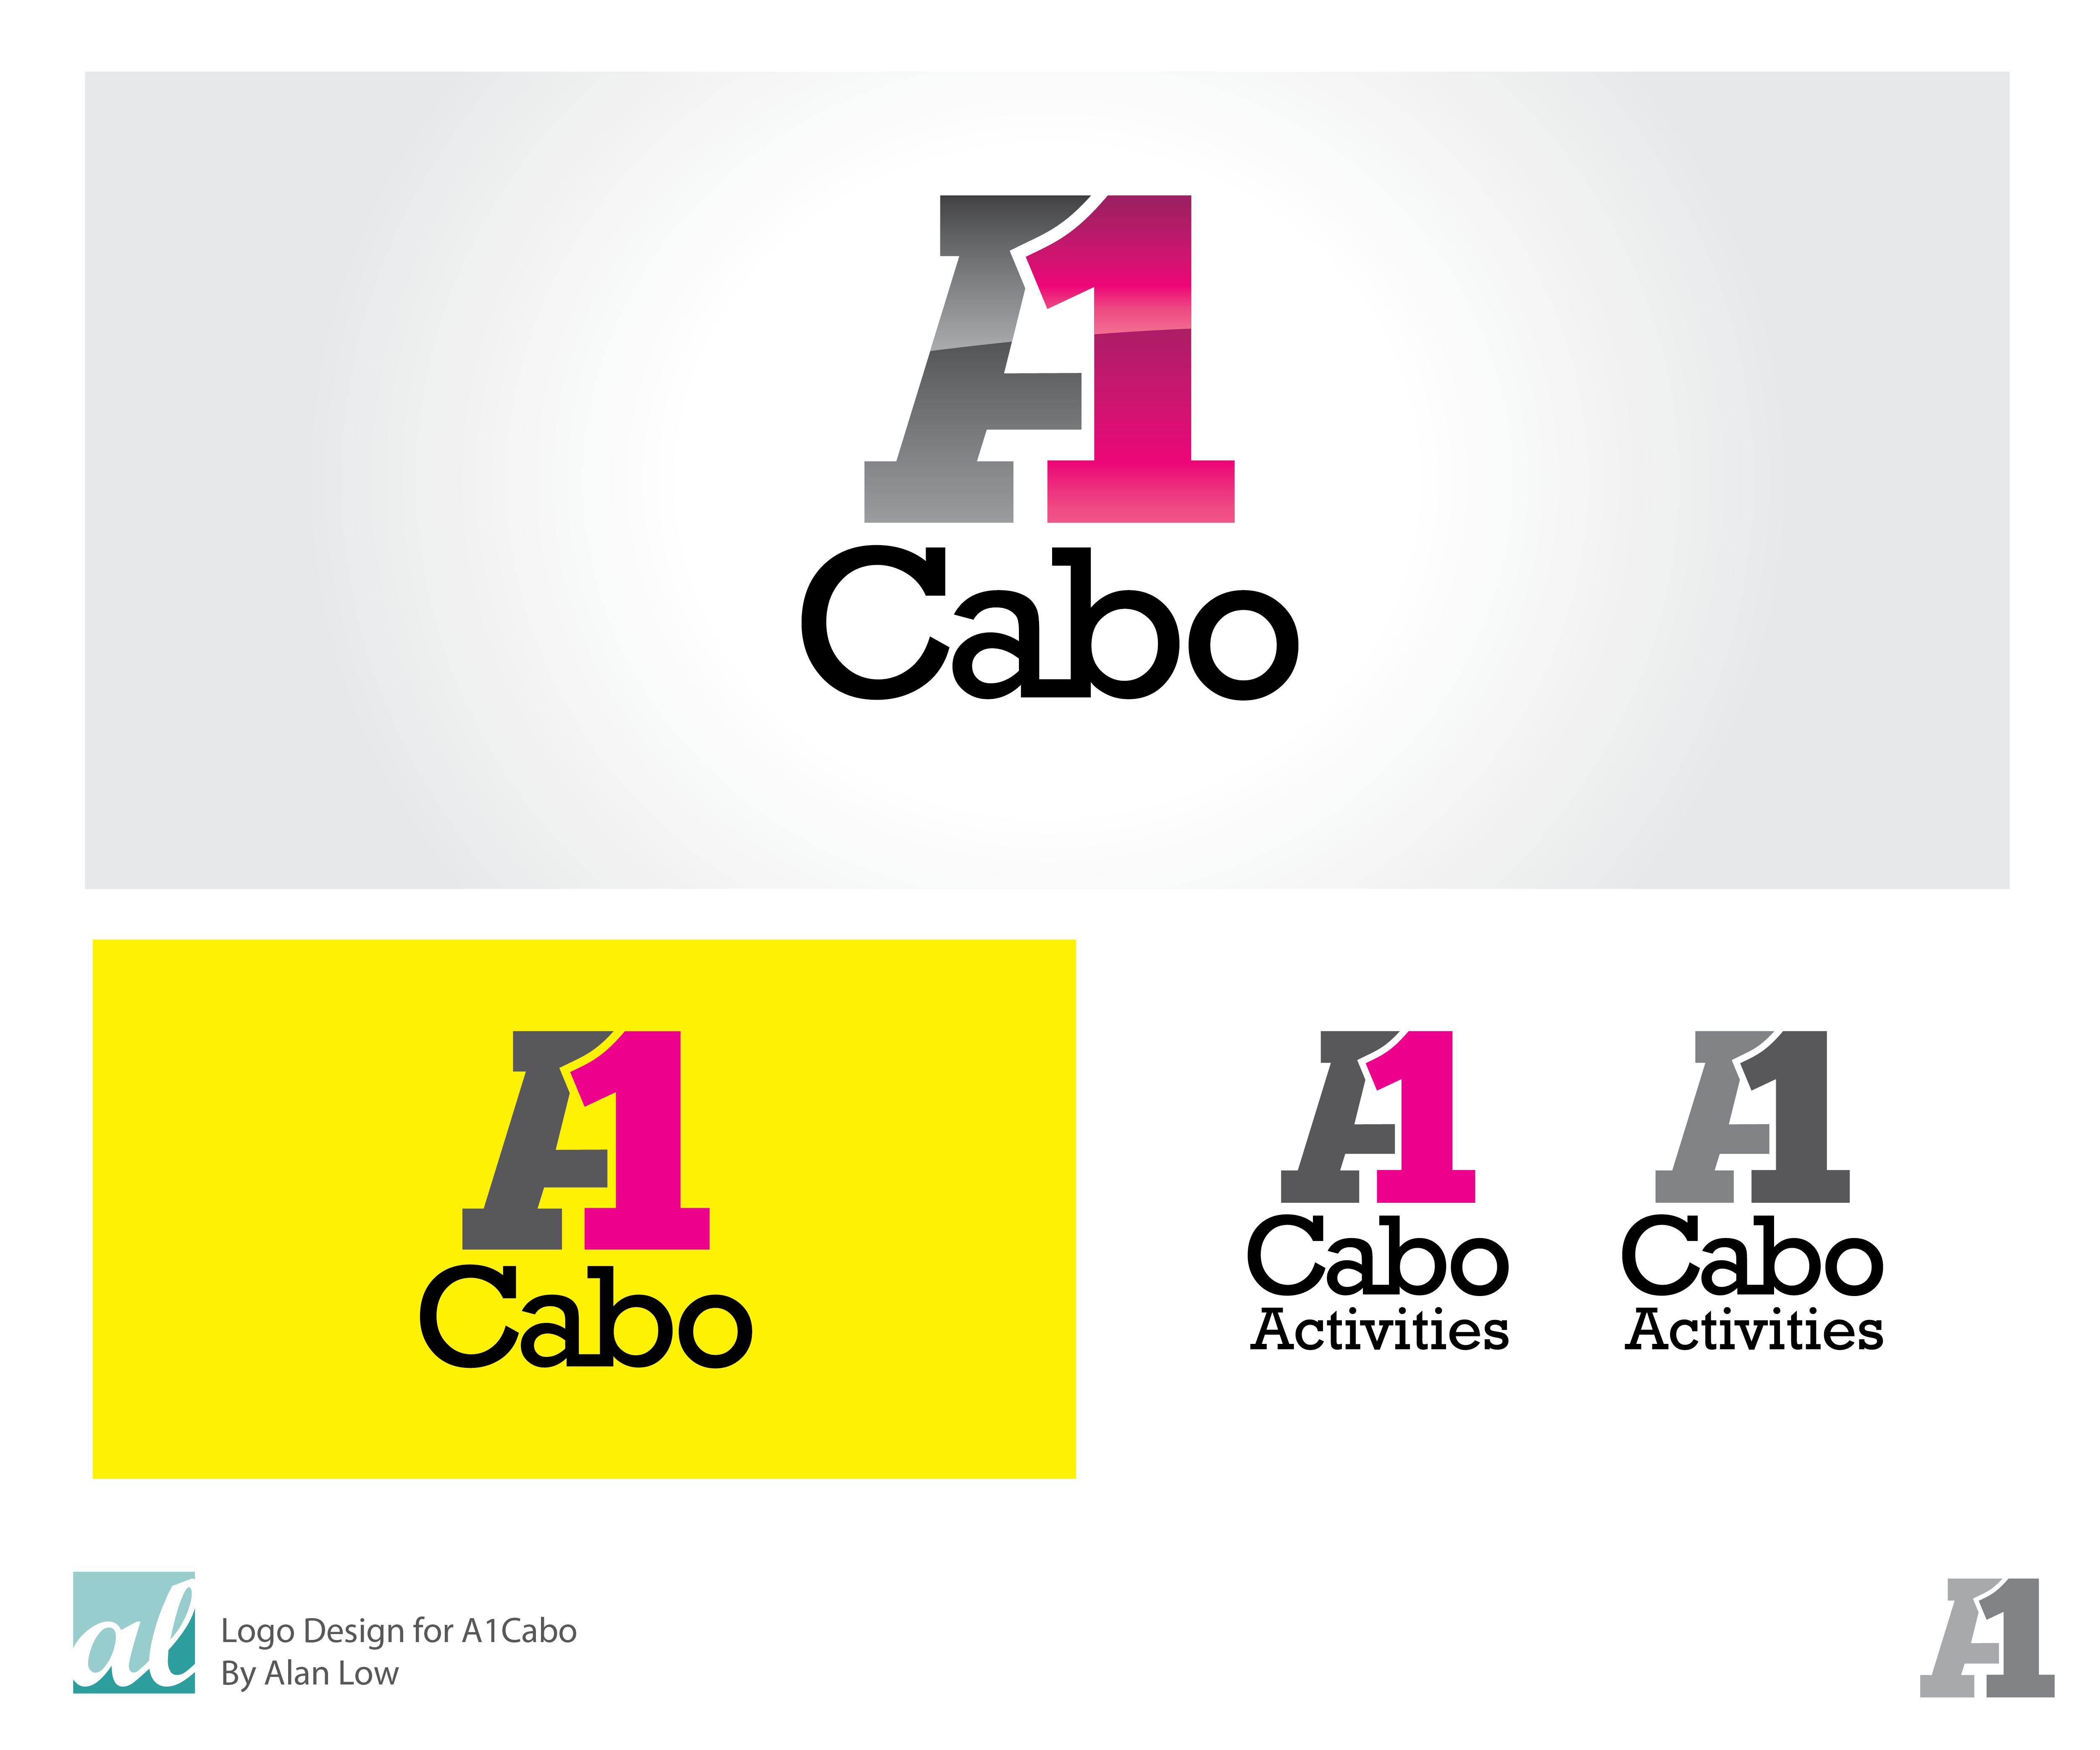 Logo Design by Alan Low - Entry No. 50 in the Logo Design Contest Inspiring Logo Design for A1Cabo.com.